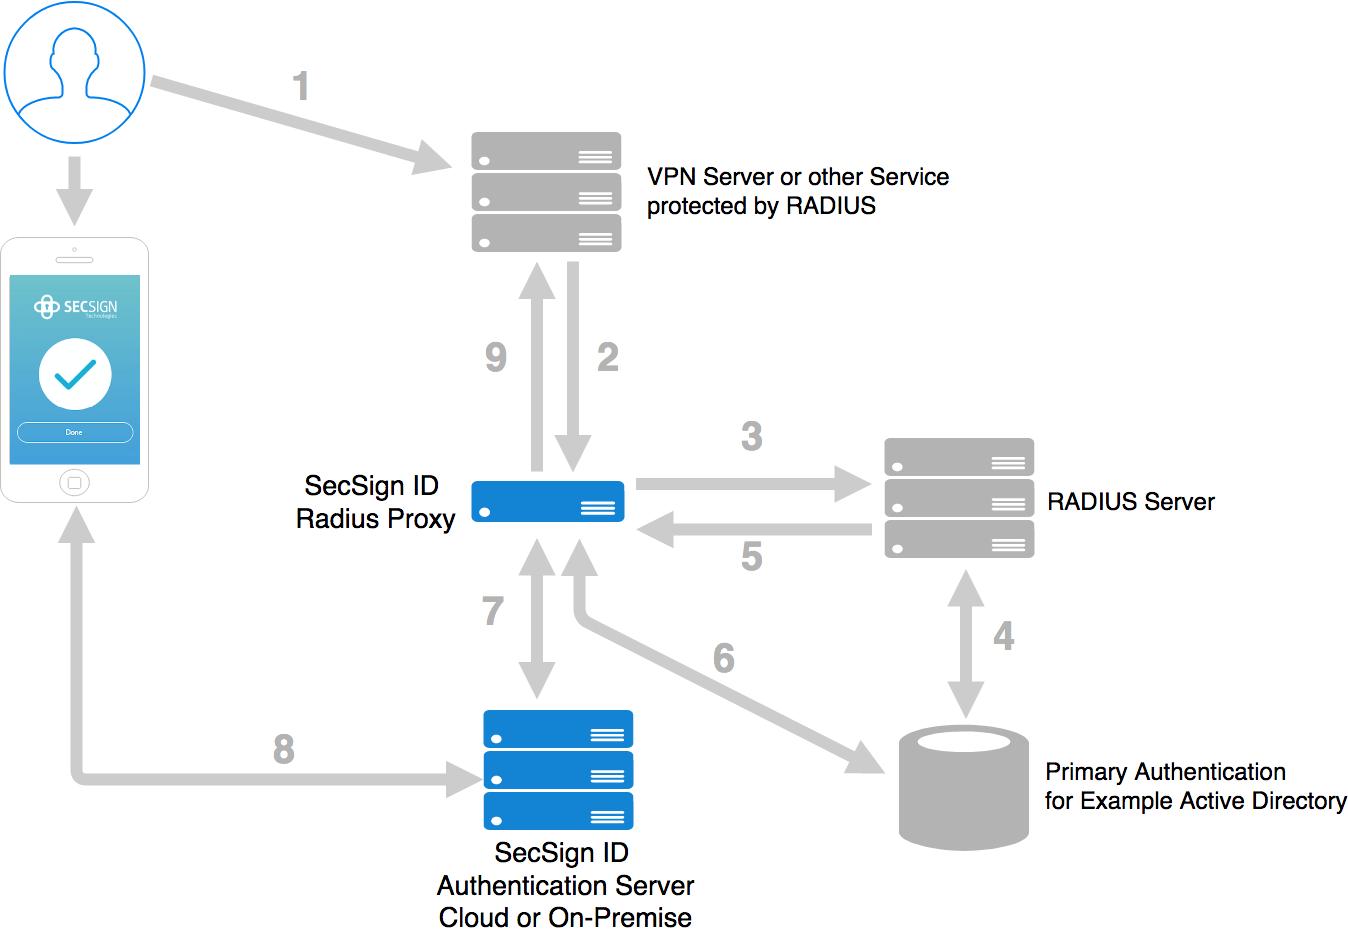 SecSignID Radius Proxy   SecSign 2FA